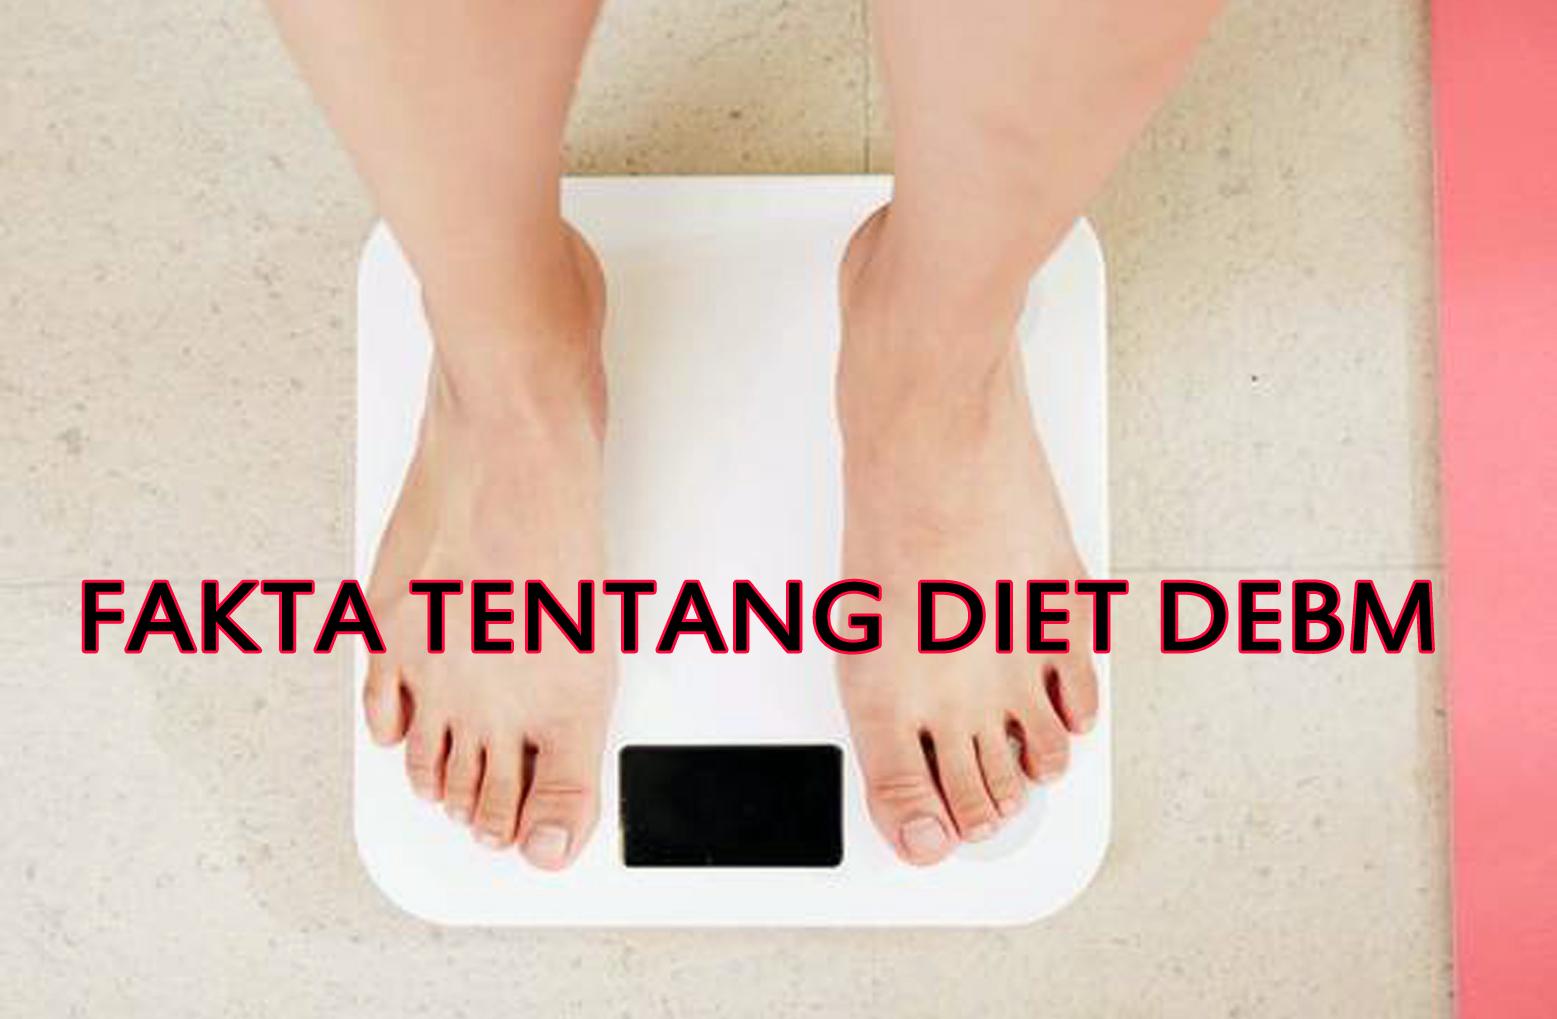 Fakta Tentang Diet DEBM